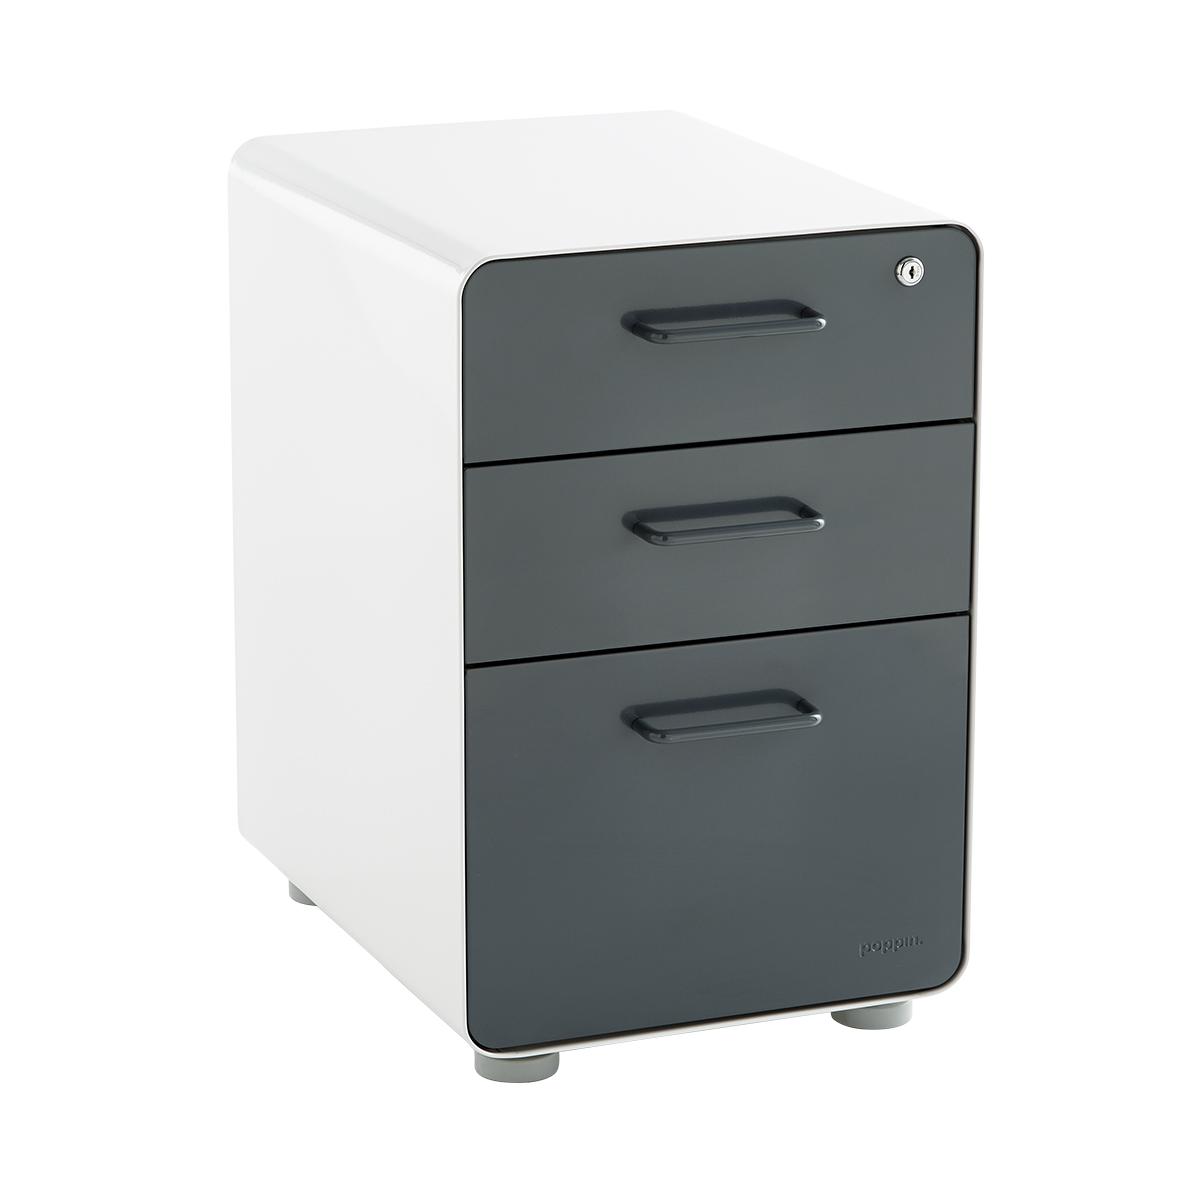 Poppin Dark Grey 3Drawer Locking Stow Filing Cabinet